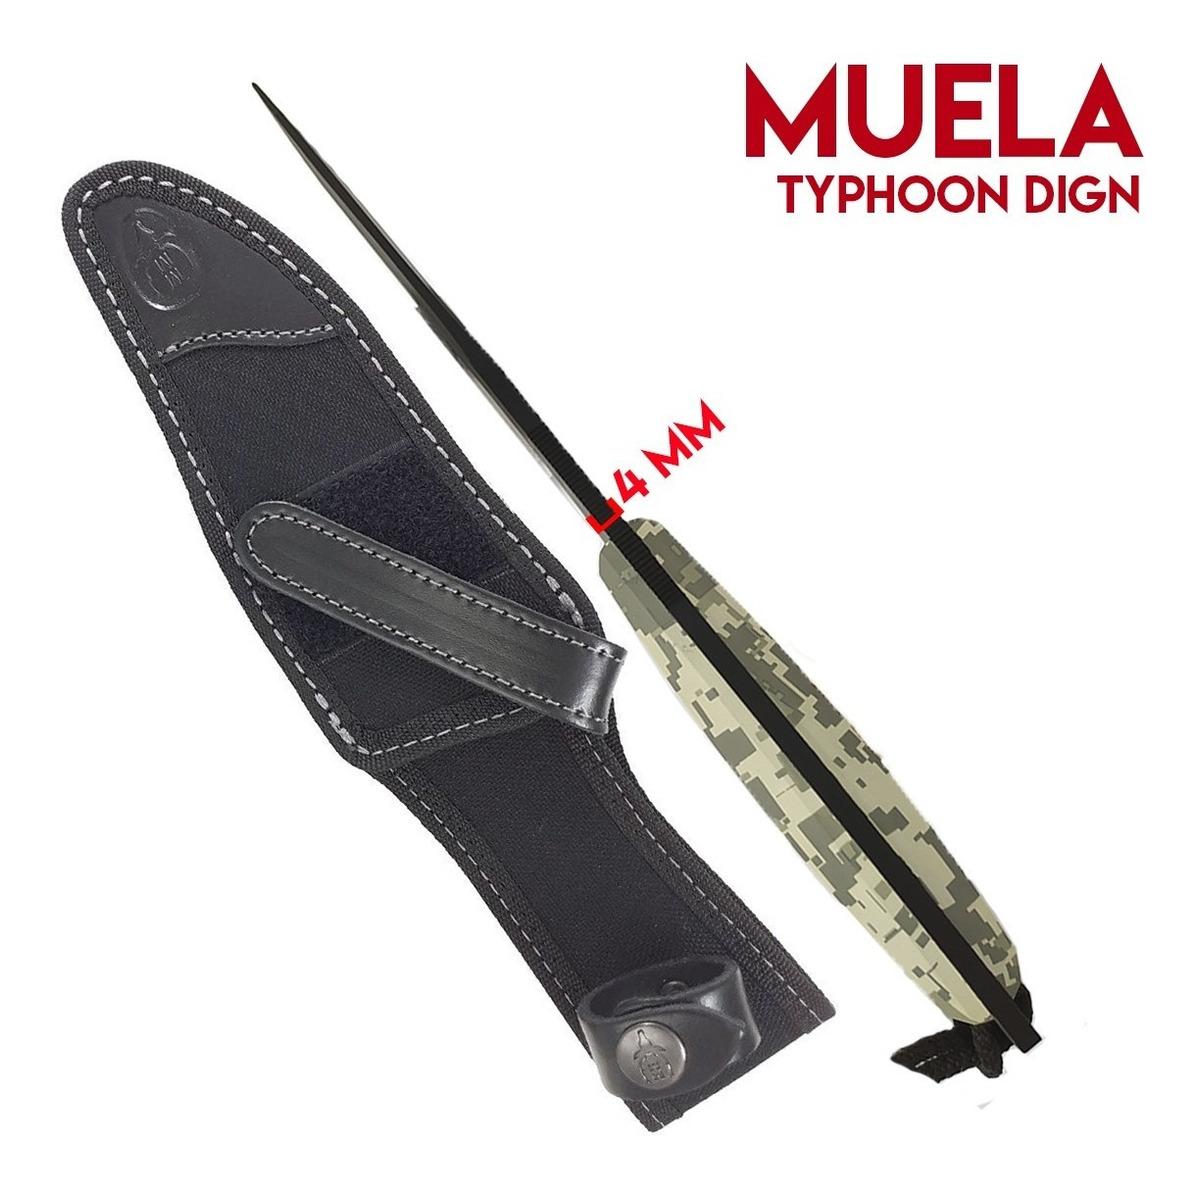 Cuchillo Tactico Muela Typhoon 15 Camu Acero Español + Funda